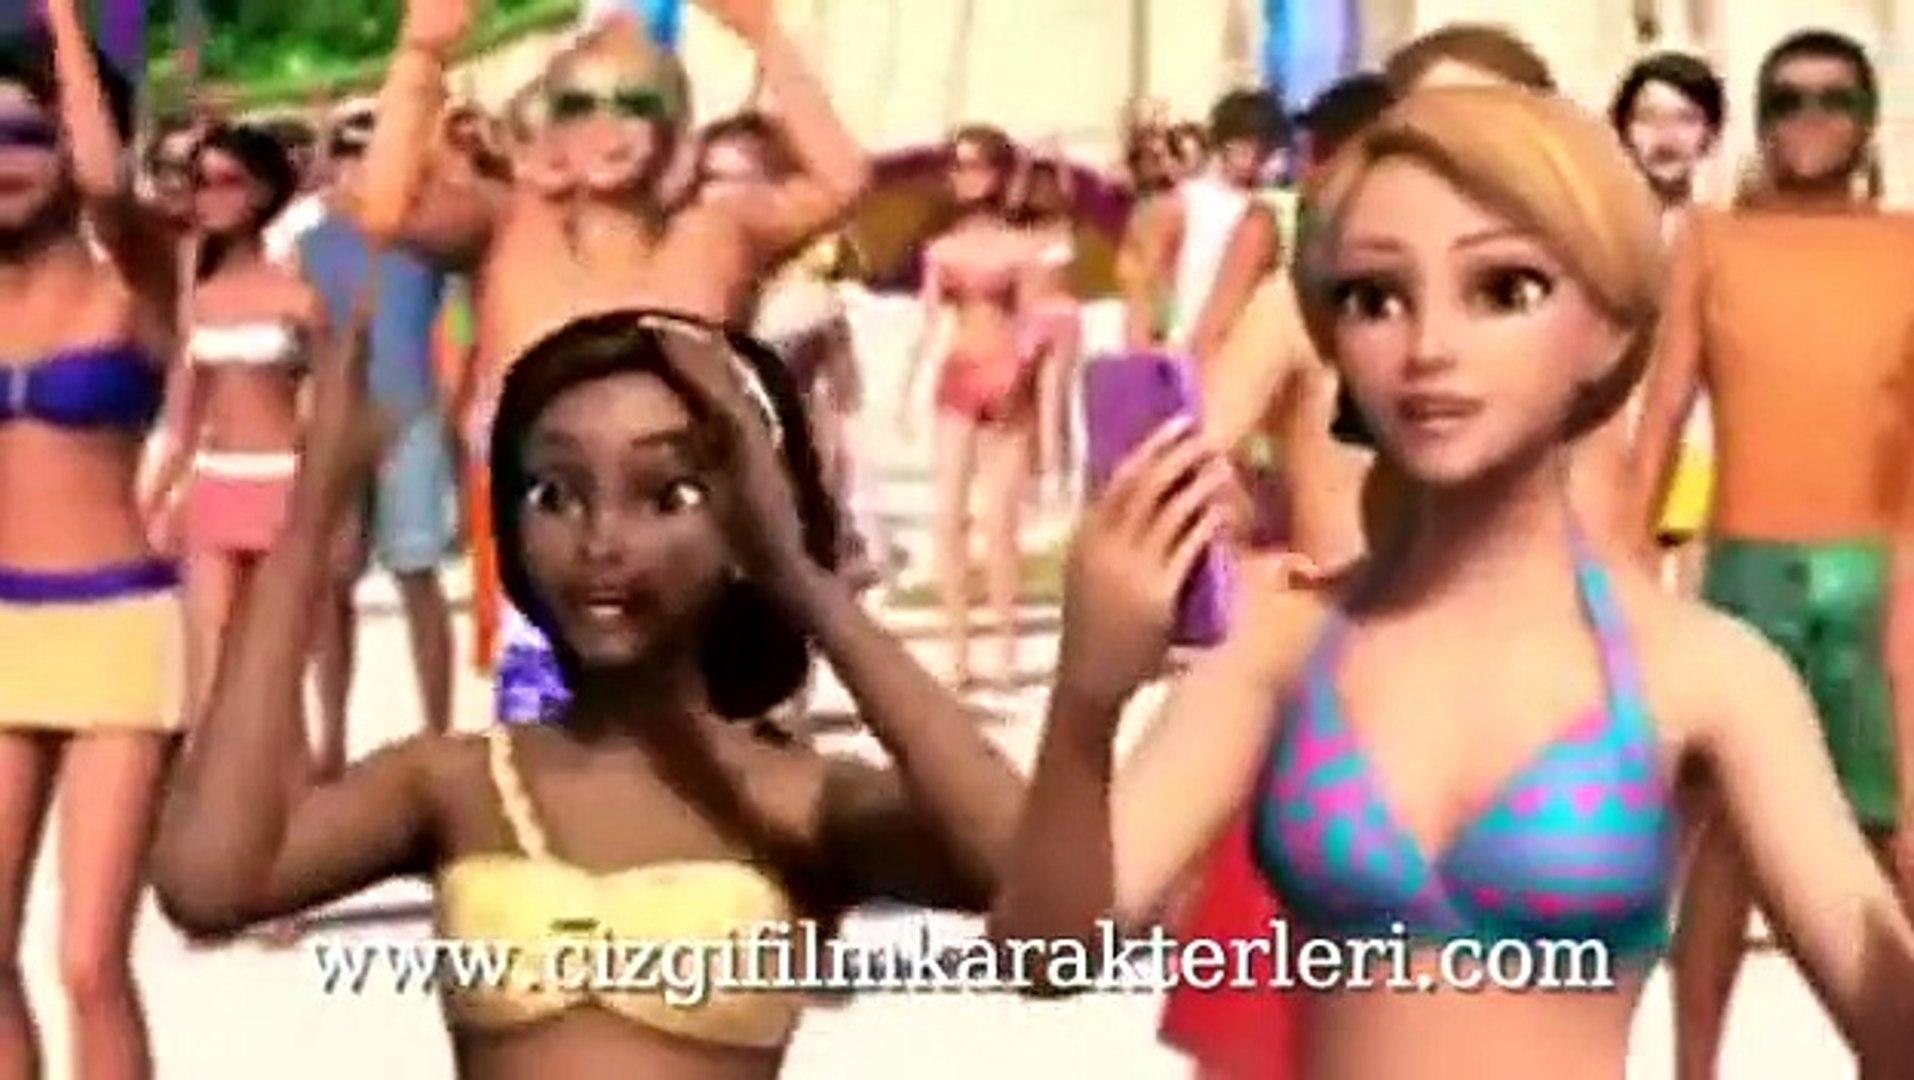 Barbie Çizgi Film İzle - Barbie Deniz Kızı Hikayesi 2 - 10. bölüm Çizgi Filmi İzle - Çizgi Film Kara